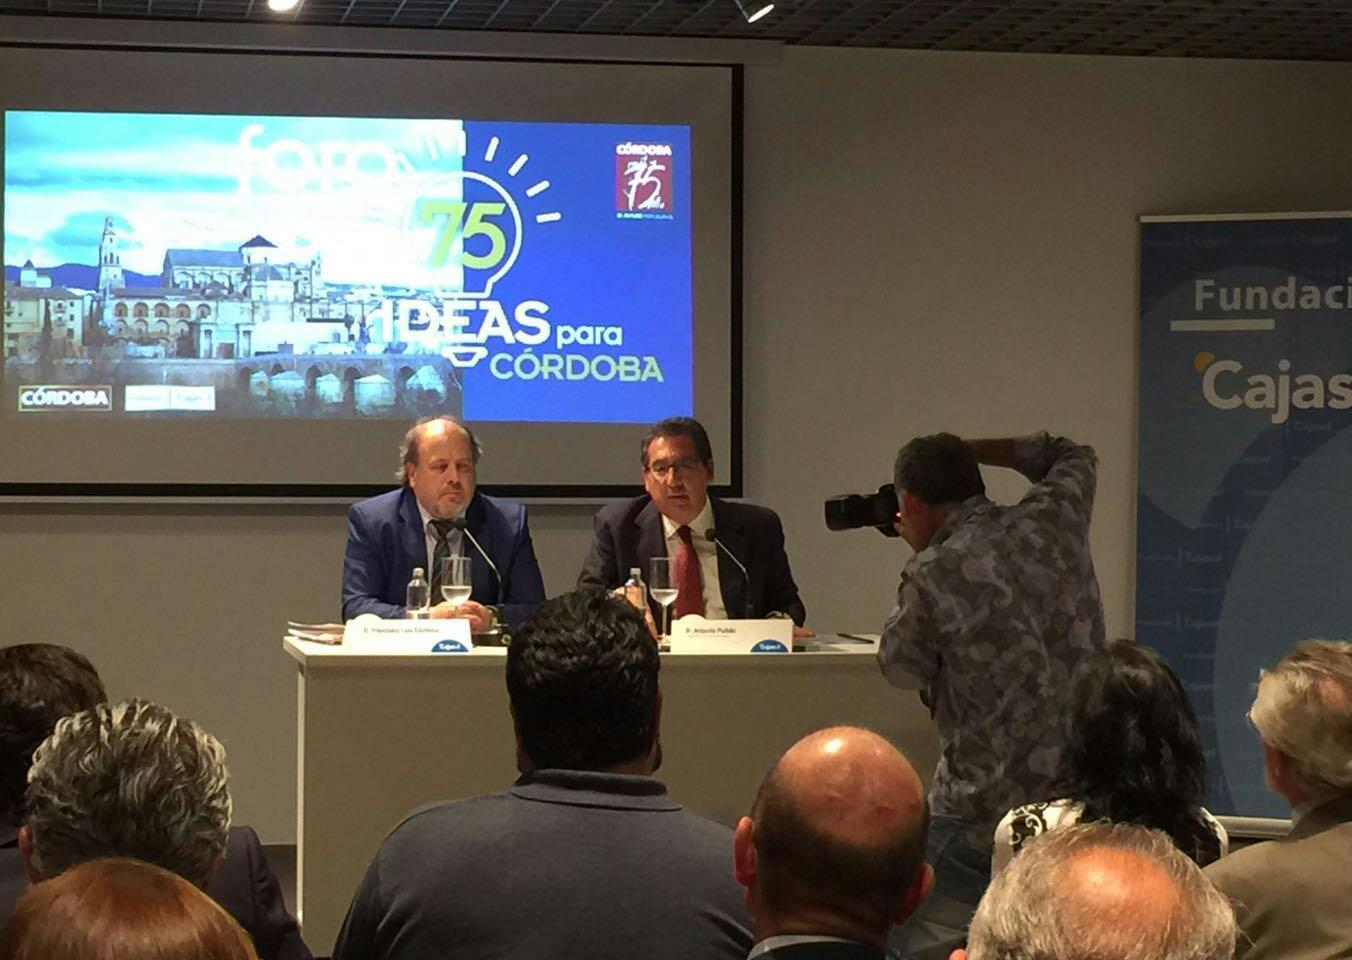 La sede de la Fundación Cajasol se llenó para escuchar los detalles del Foro '75 ideas para Córdoba'